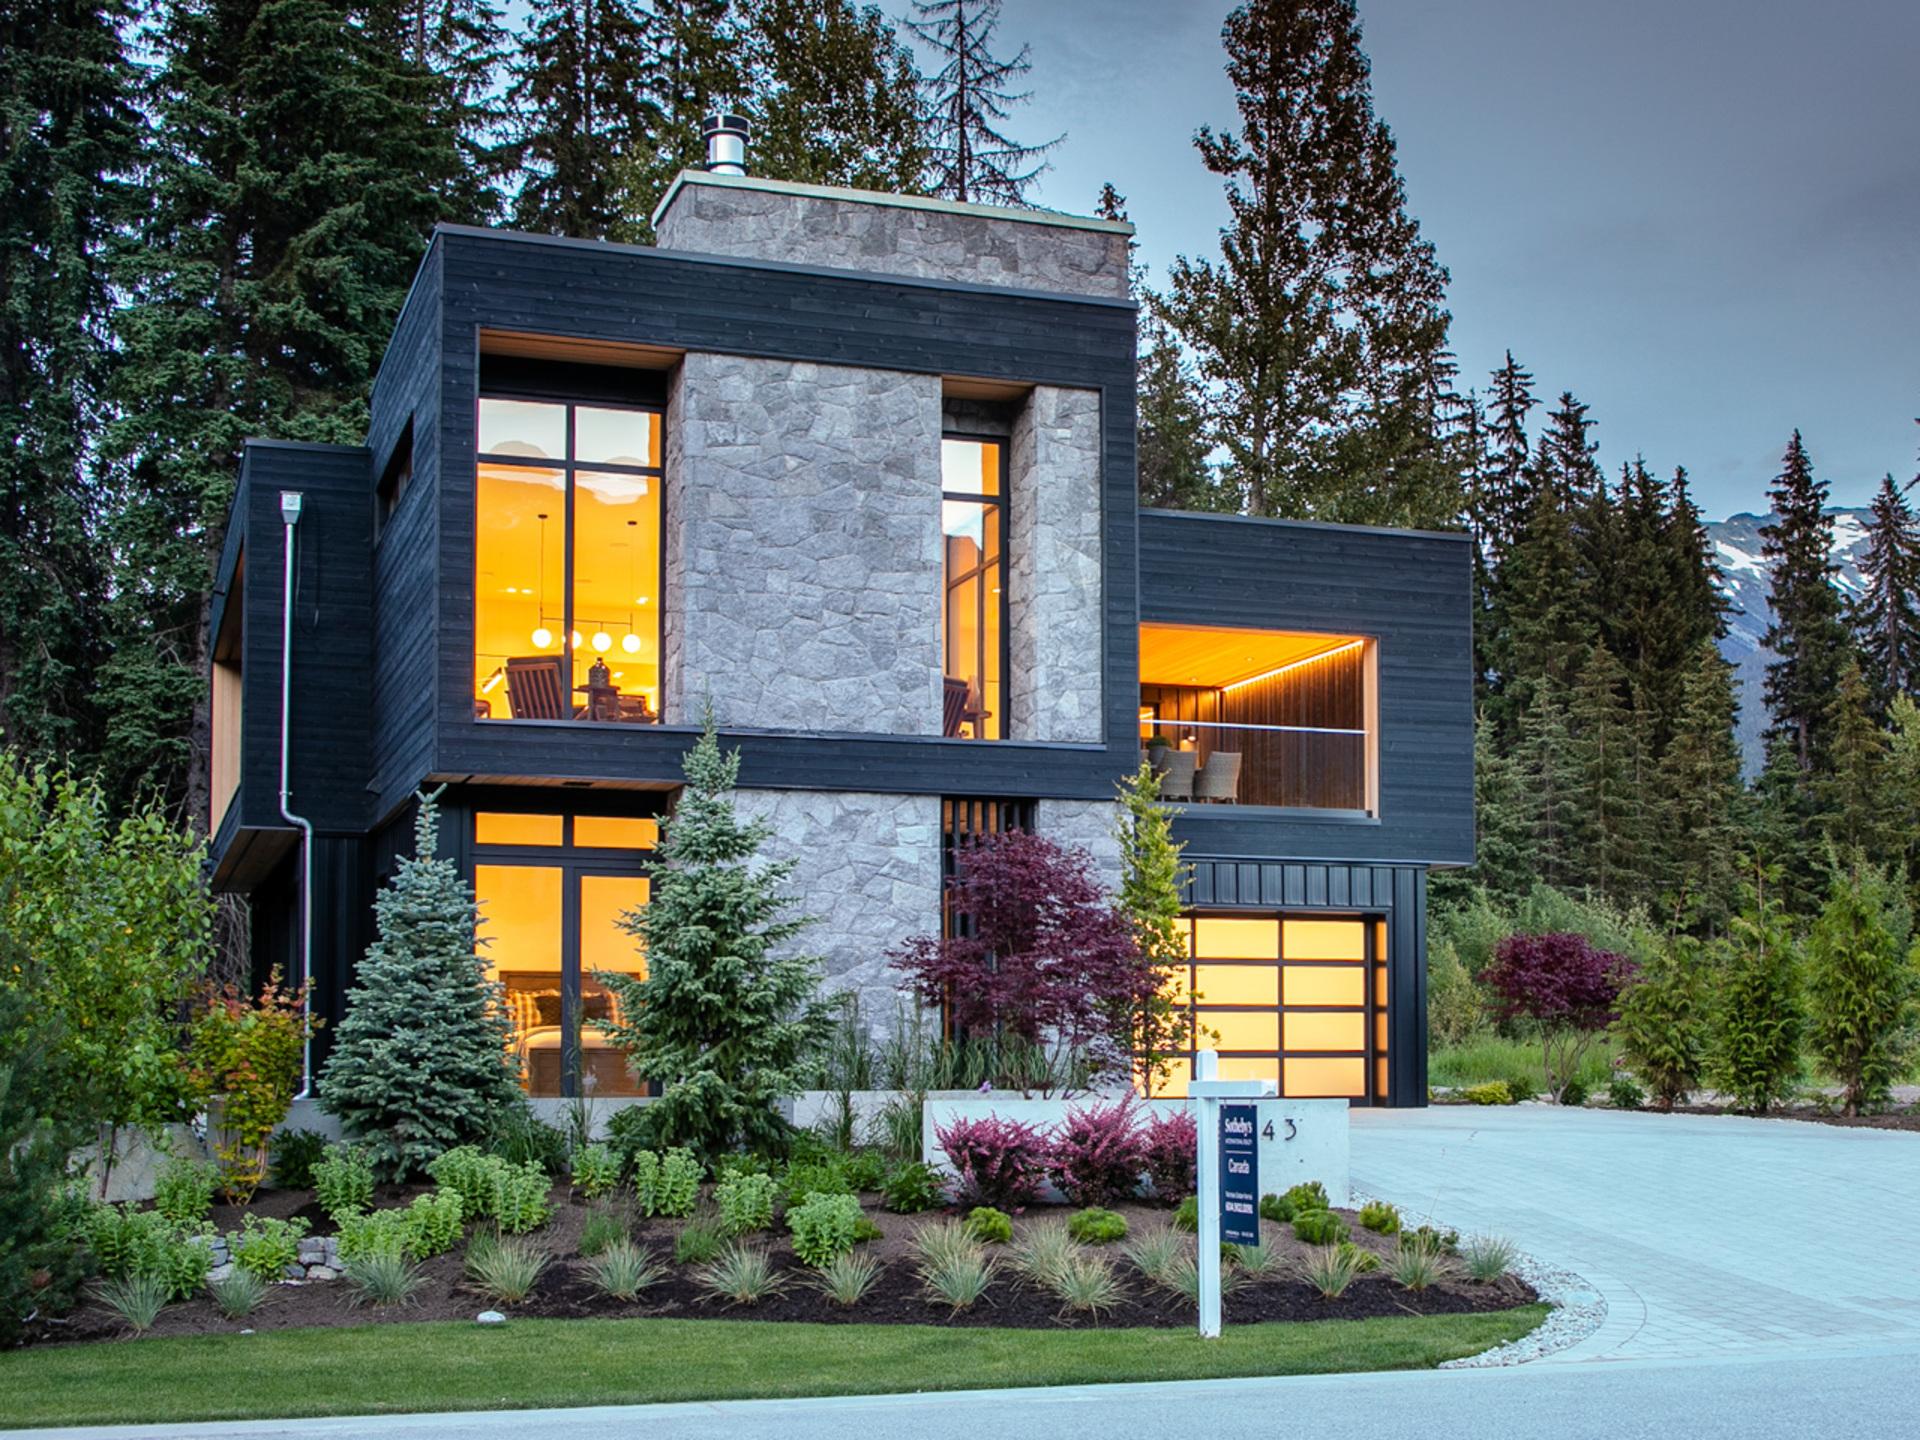 m38 at 8043 Cypress Place, Green Lake Estates, Whistler